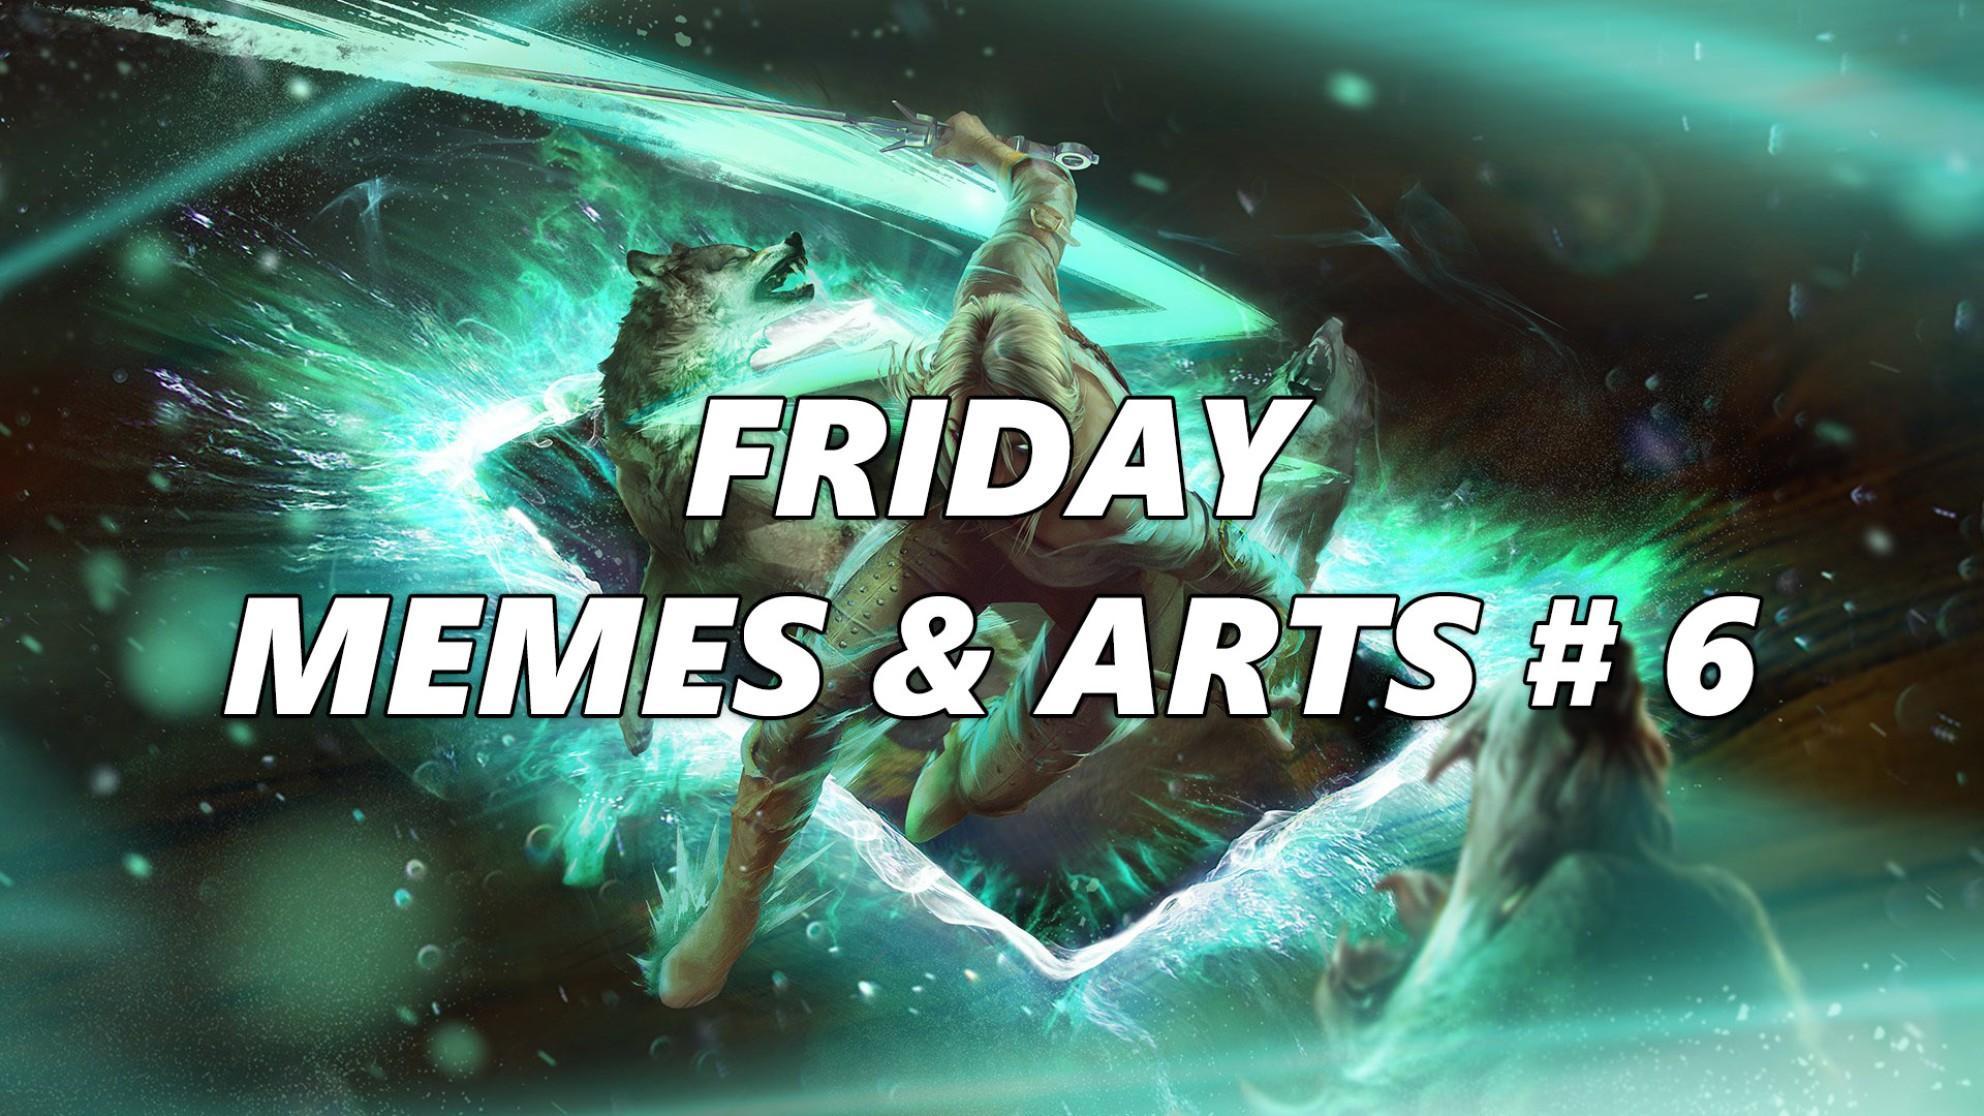 Friday Memes & Arts #6